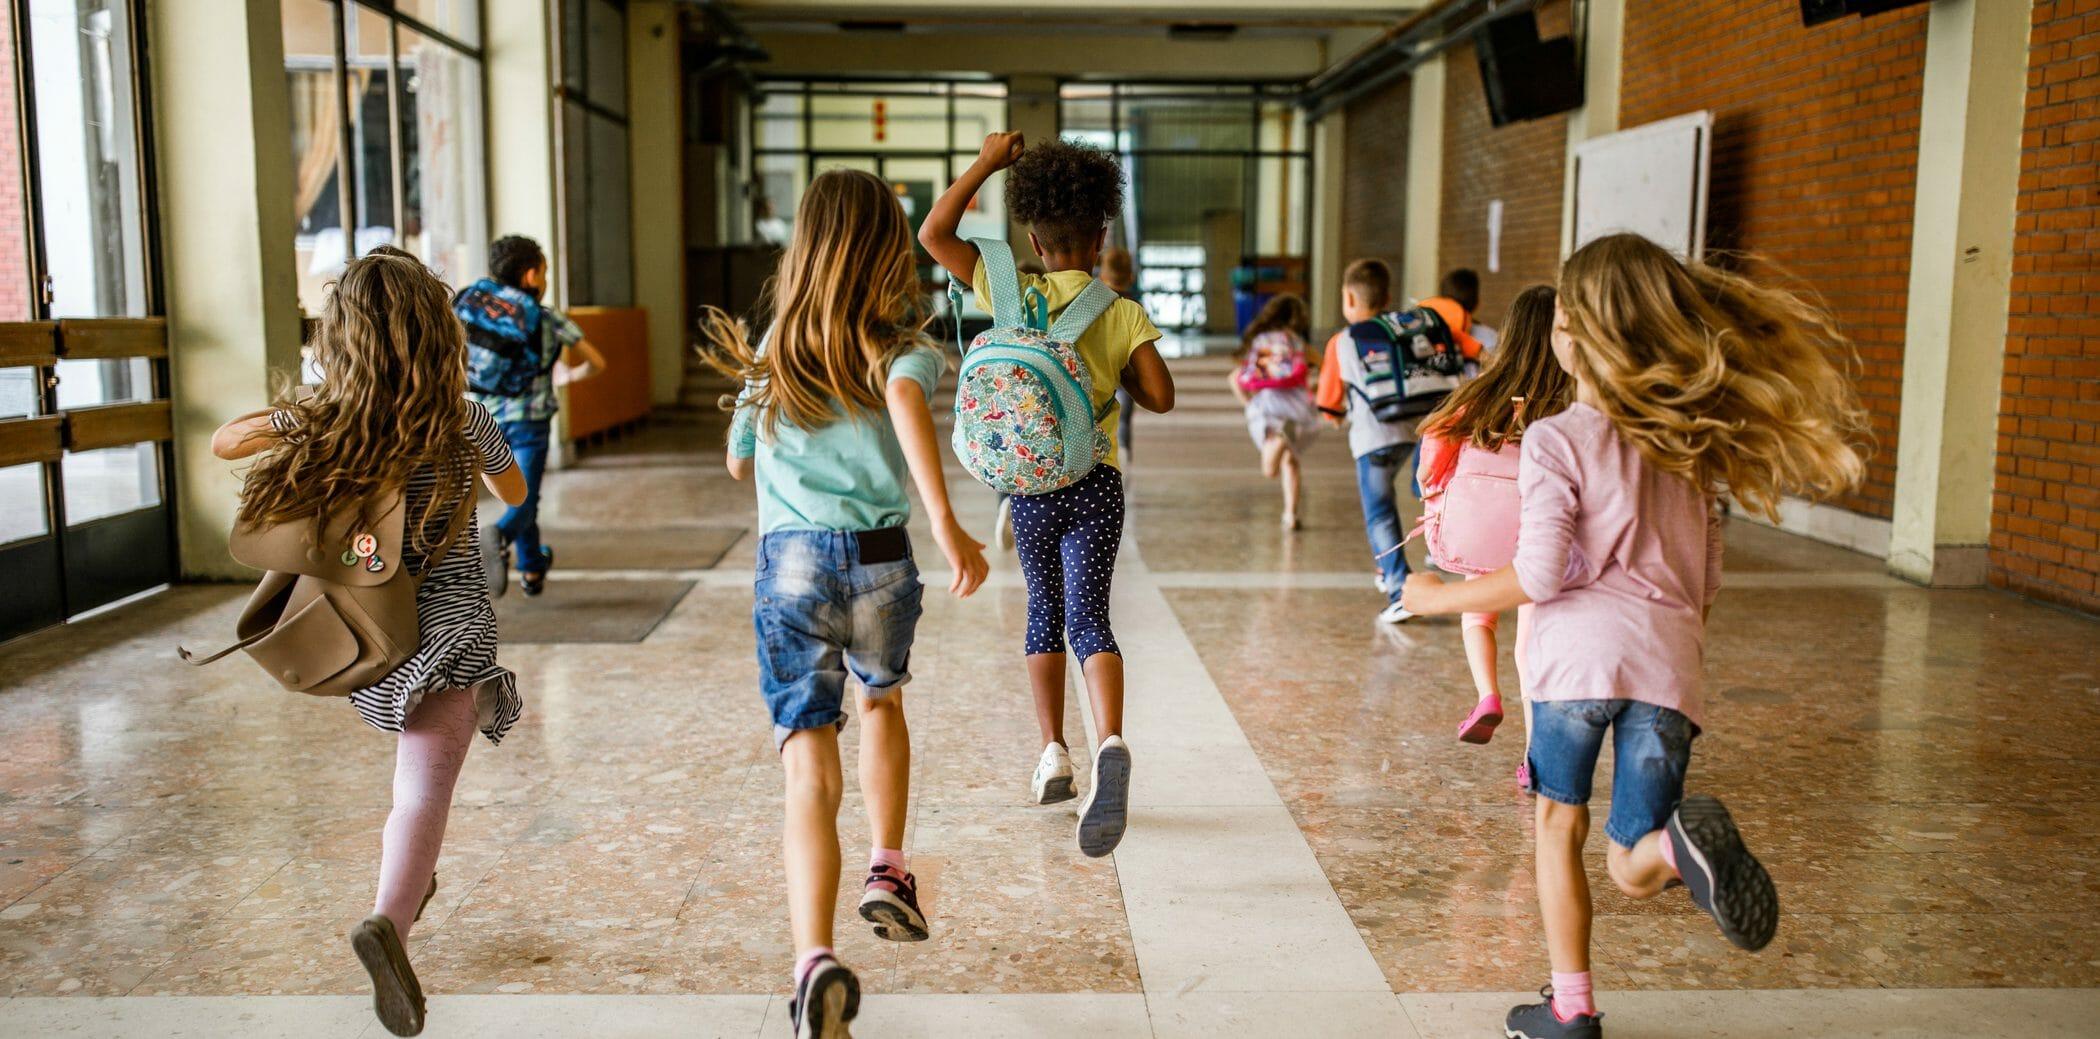 bambini scuola vacanze correre estate classe